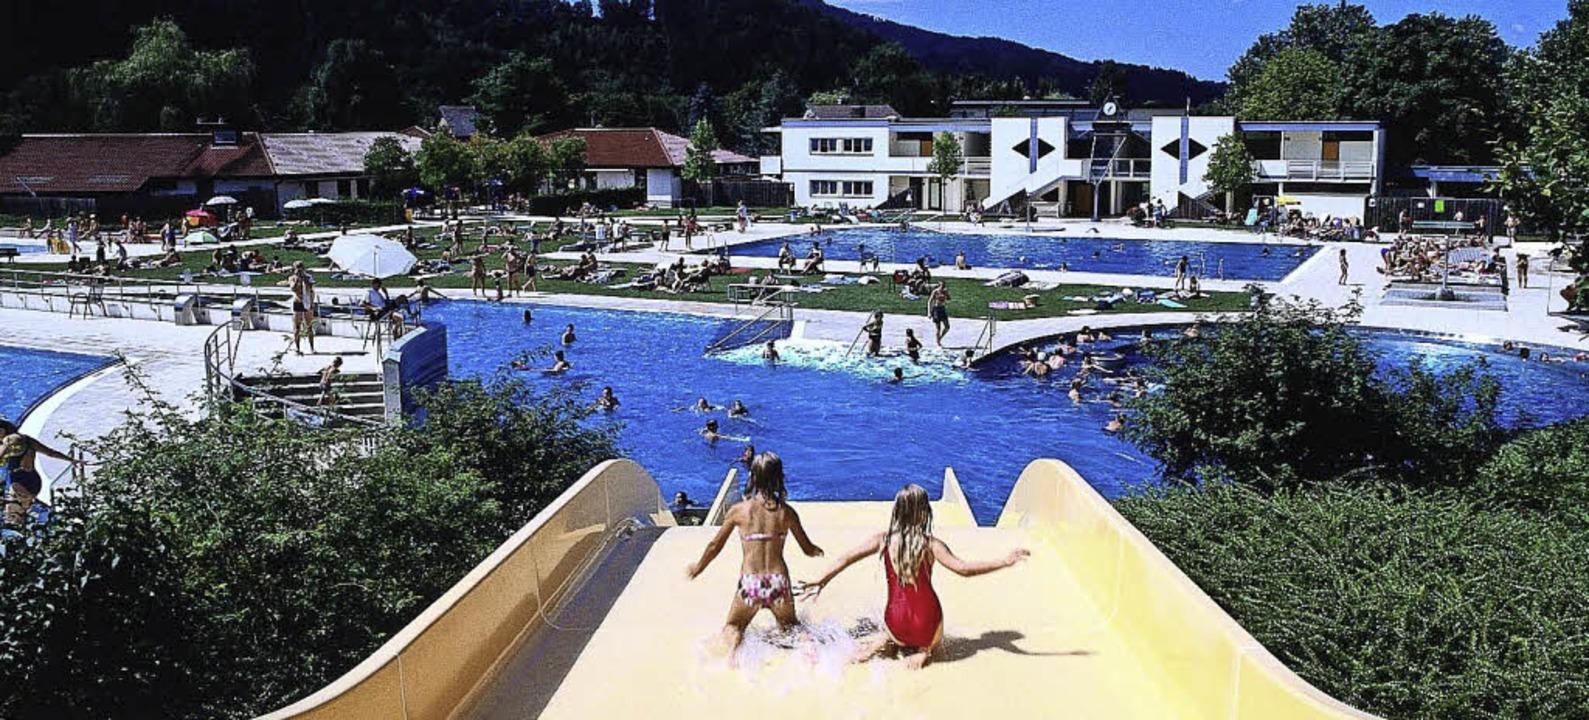 Ein Eldorado für Erholungssuchende: Im...eisambad in Kirchzarten heiß begehrt.   | Foto: Gemeinde